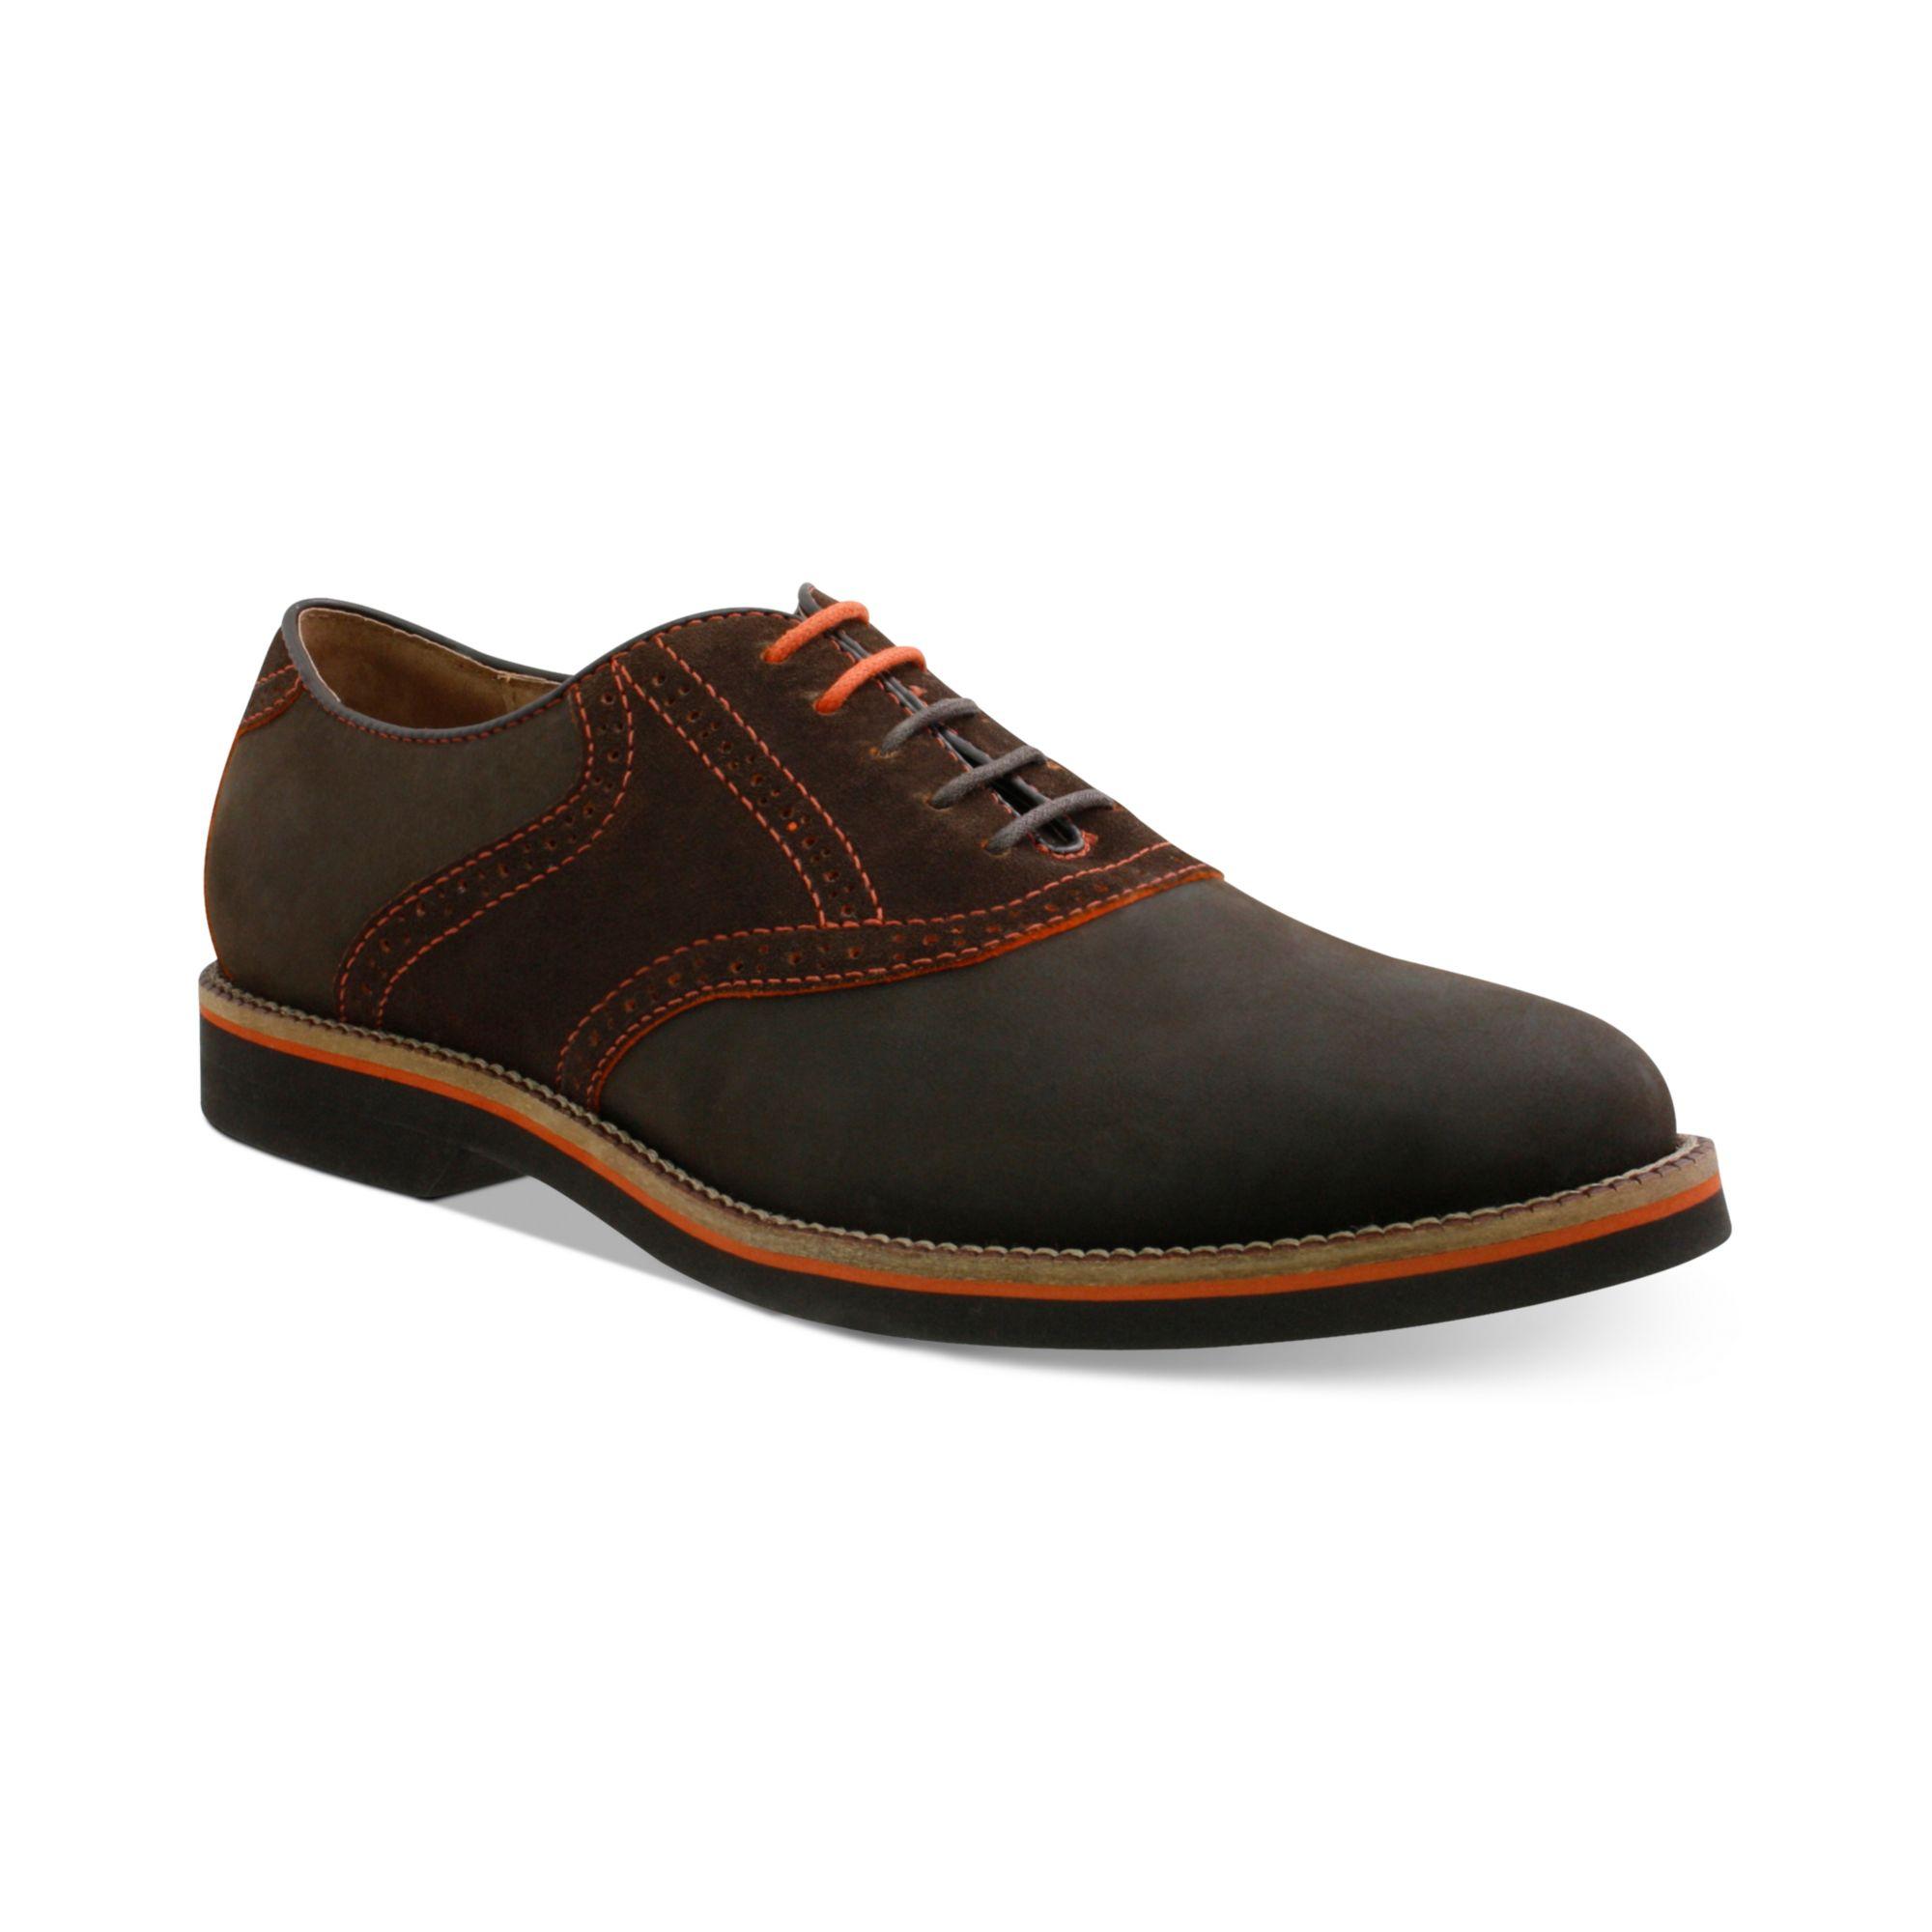 g h bass co burlington plaintoe saddle shoes in brown